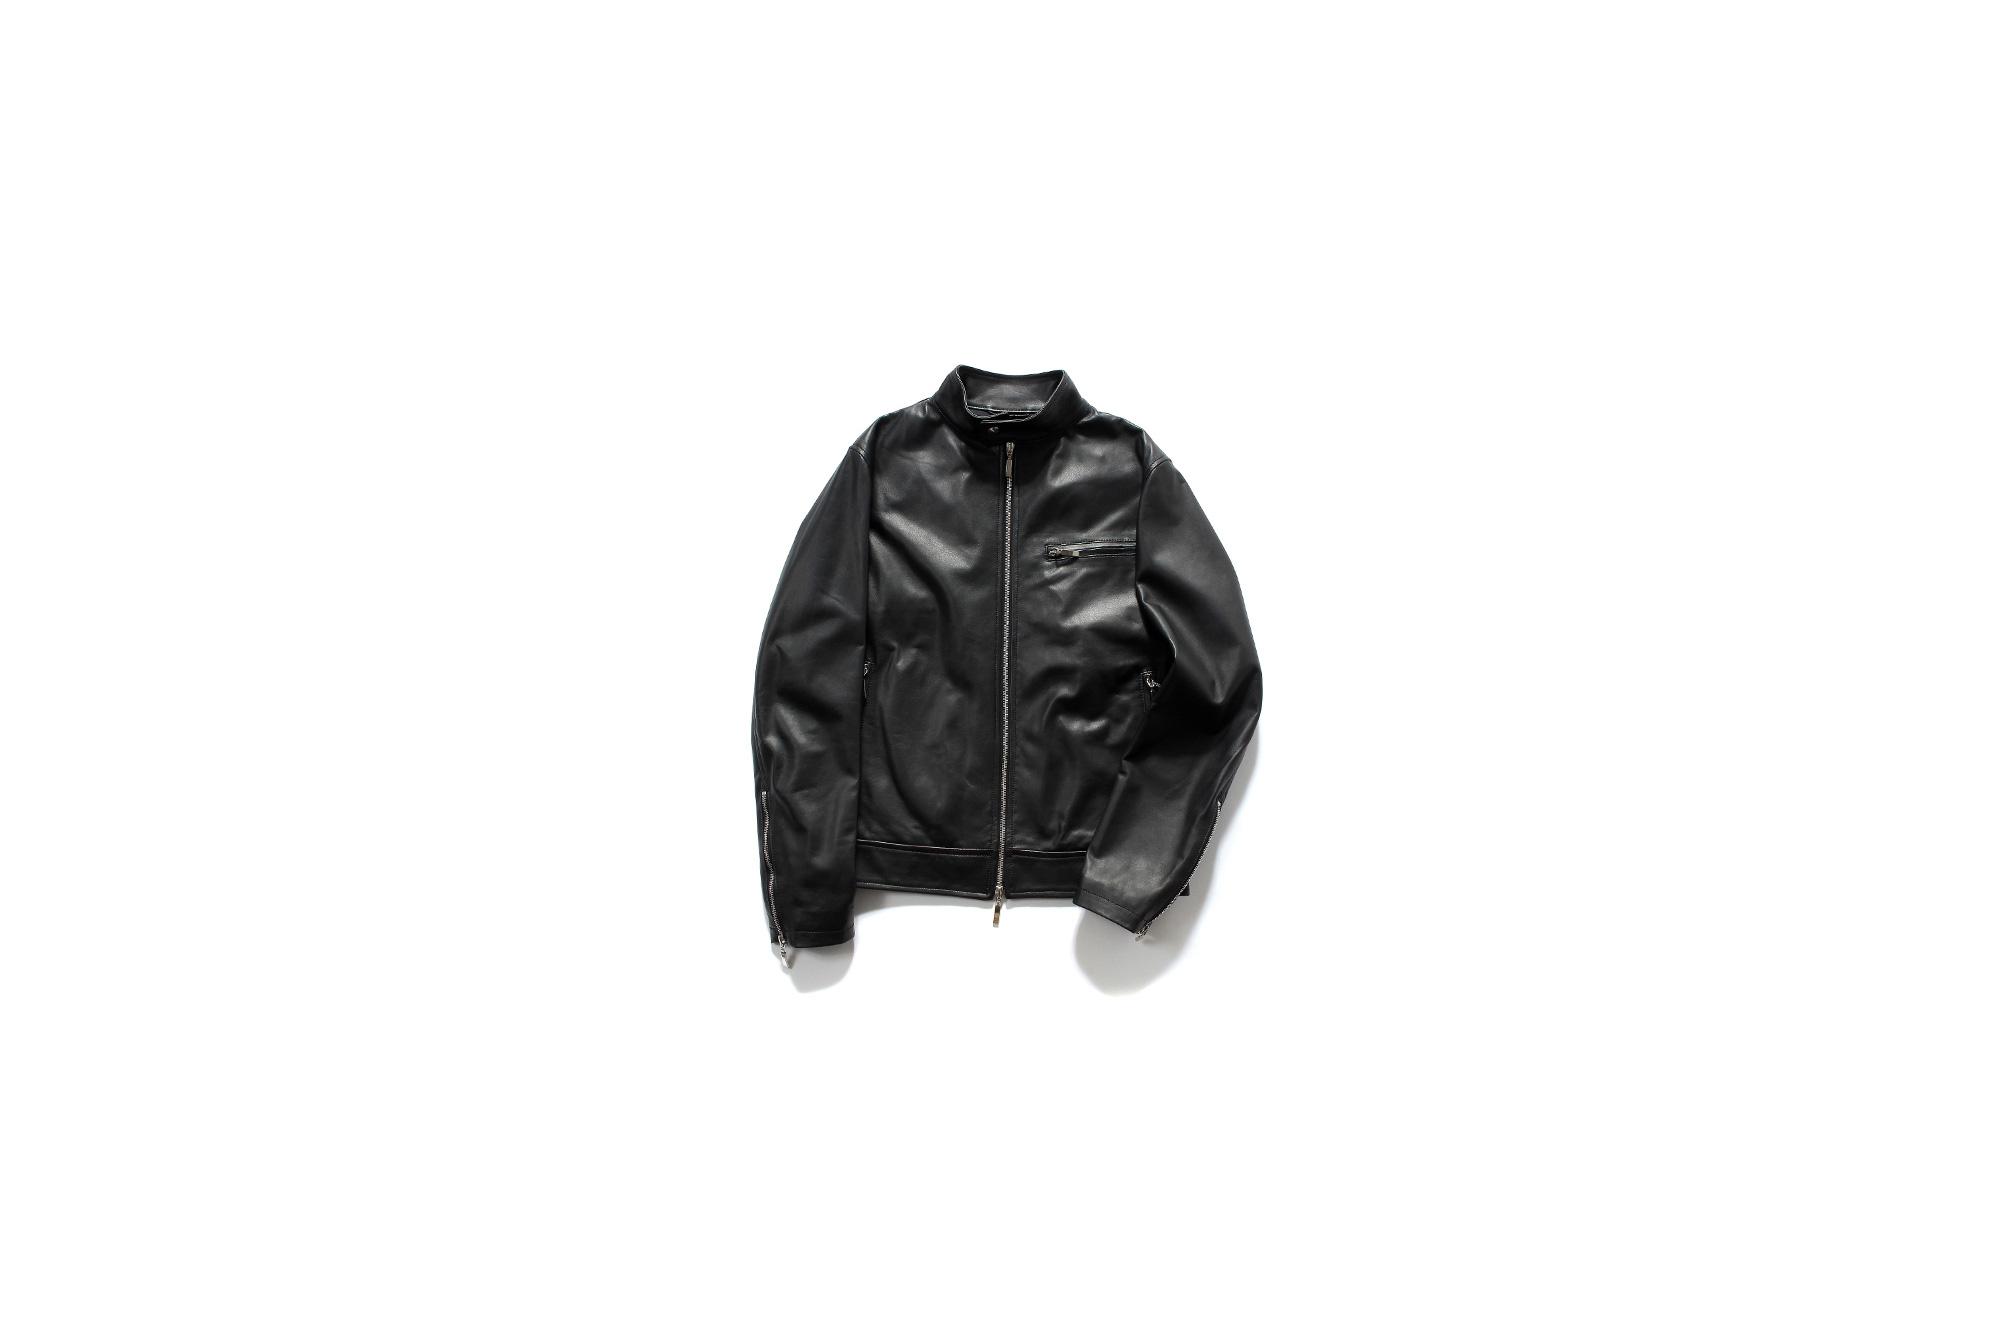 SILENCE (サイレンス) Single Leather Jacket (シングルレザー ジャケット) Goatskin Leather 0.9mm (ゴートスキンレザー 0.9mm) シングル ライダース ジャケット NERO (ブラック) Made in italy (イタリア製) 2020 秋冬新作 愛知 名古屋 Alto e Diritto アルトエデリット